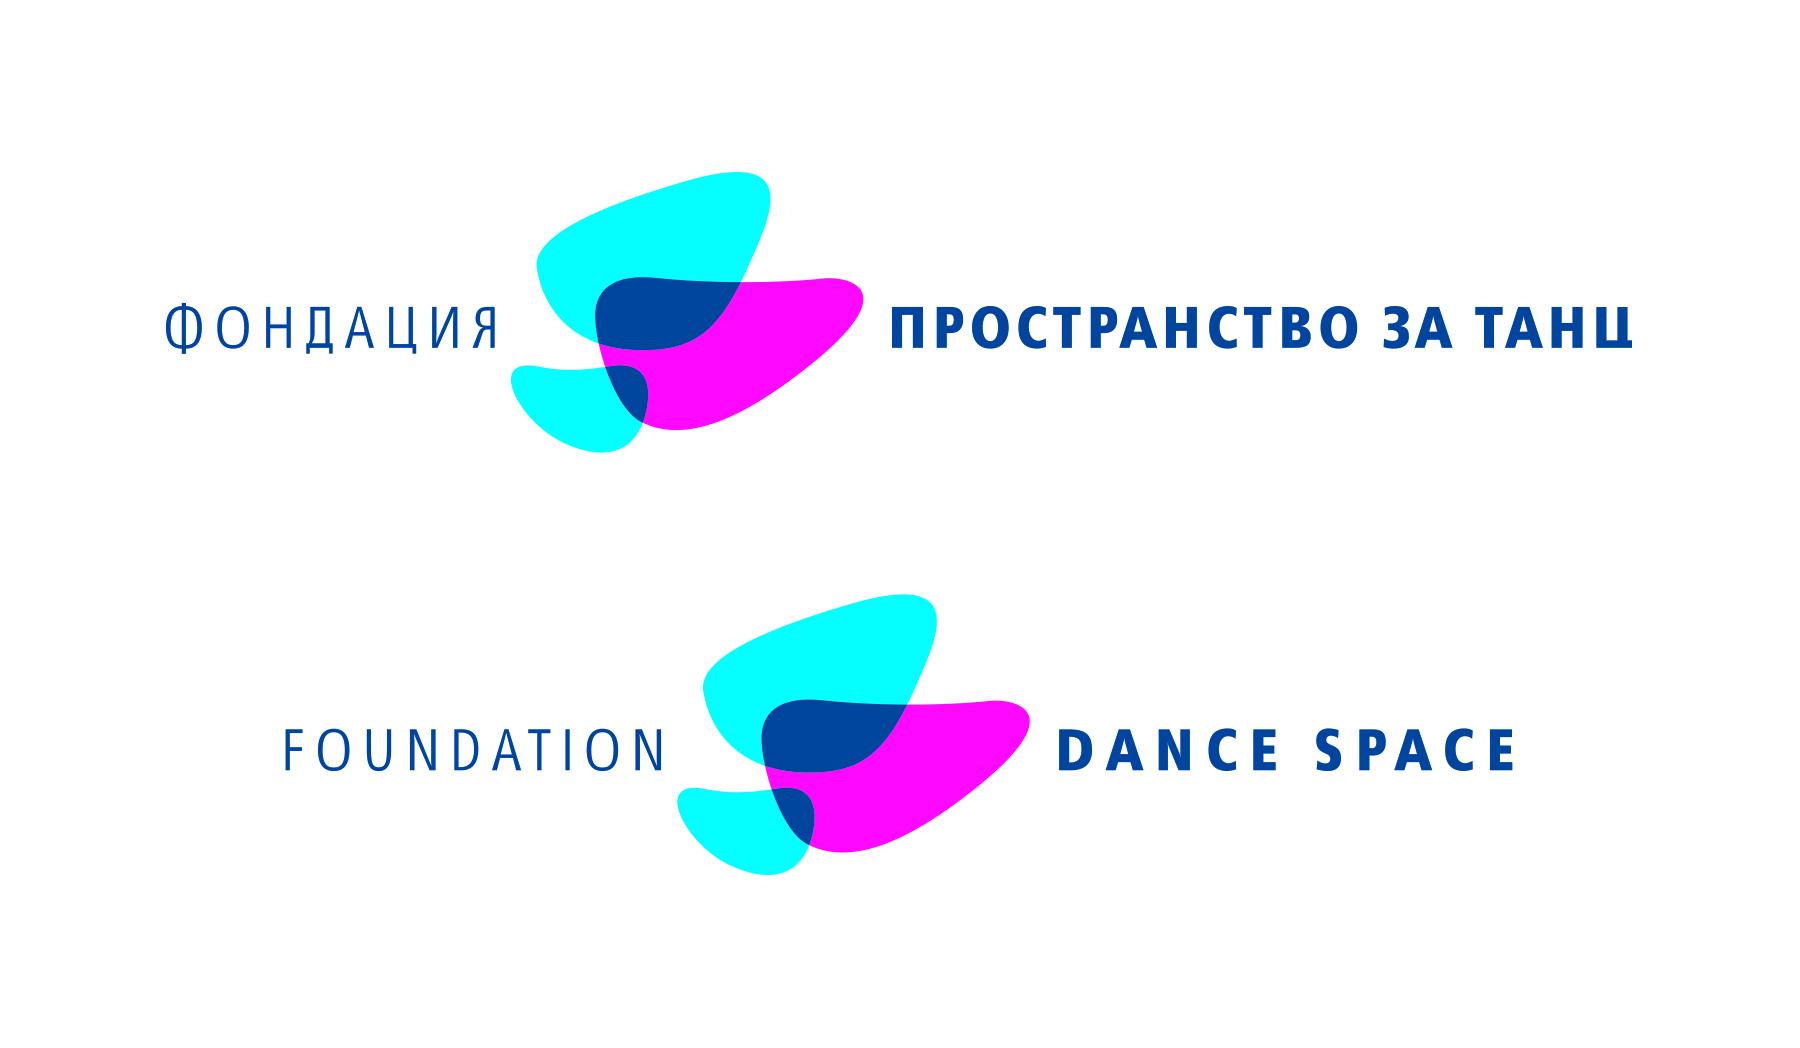 Алтернативна композиция, и вариант латиница и кирилица.